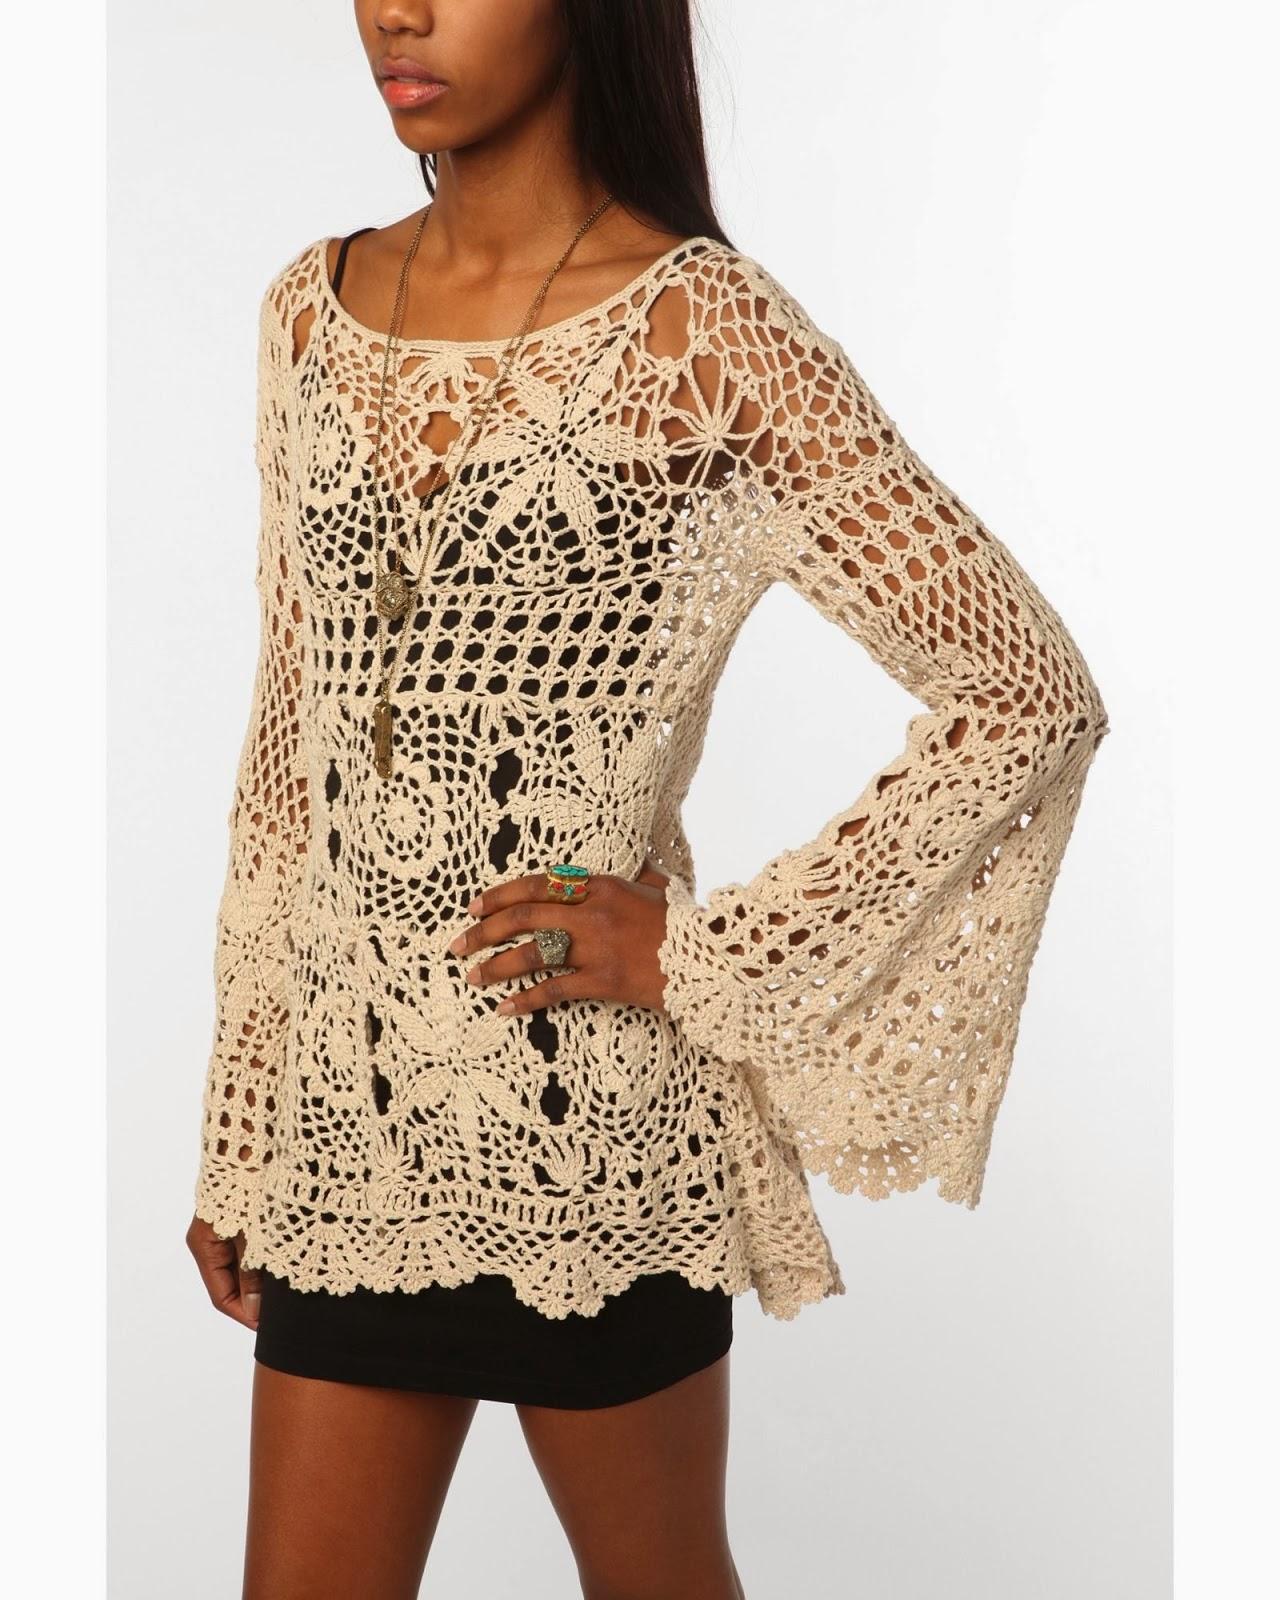 tığ işi dantel elbise bluz,tığ işi, dantel, elbise bluz,dantel bluz,tığ etek örgüsü,tığ dantel,dantel yelek, tığ tunik